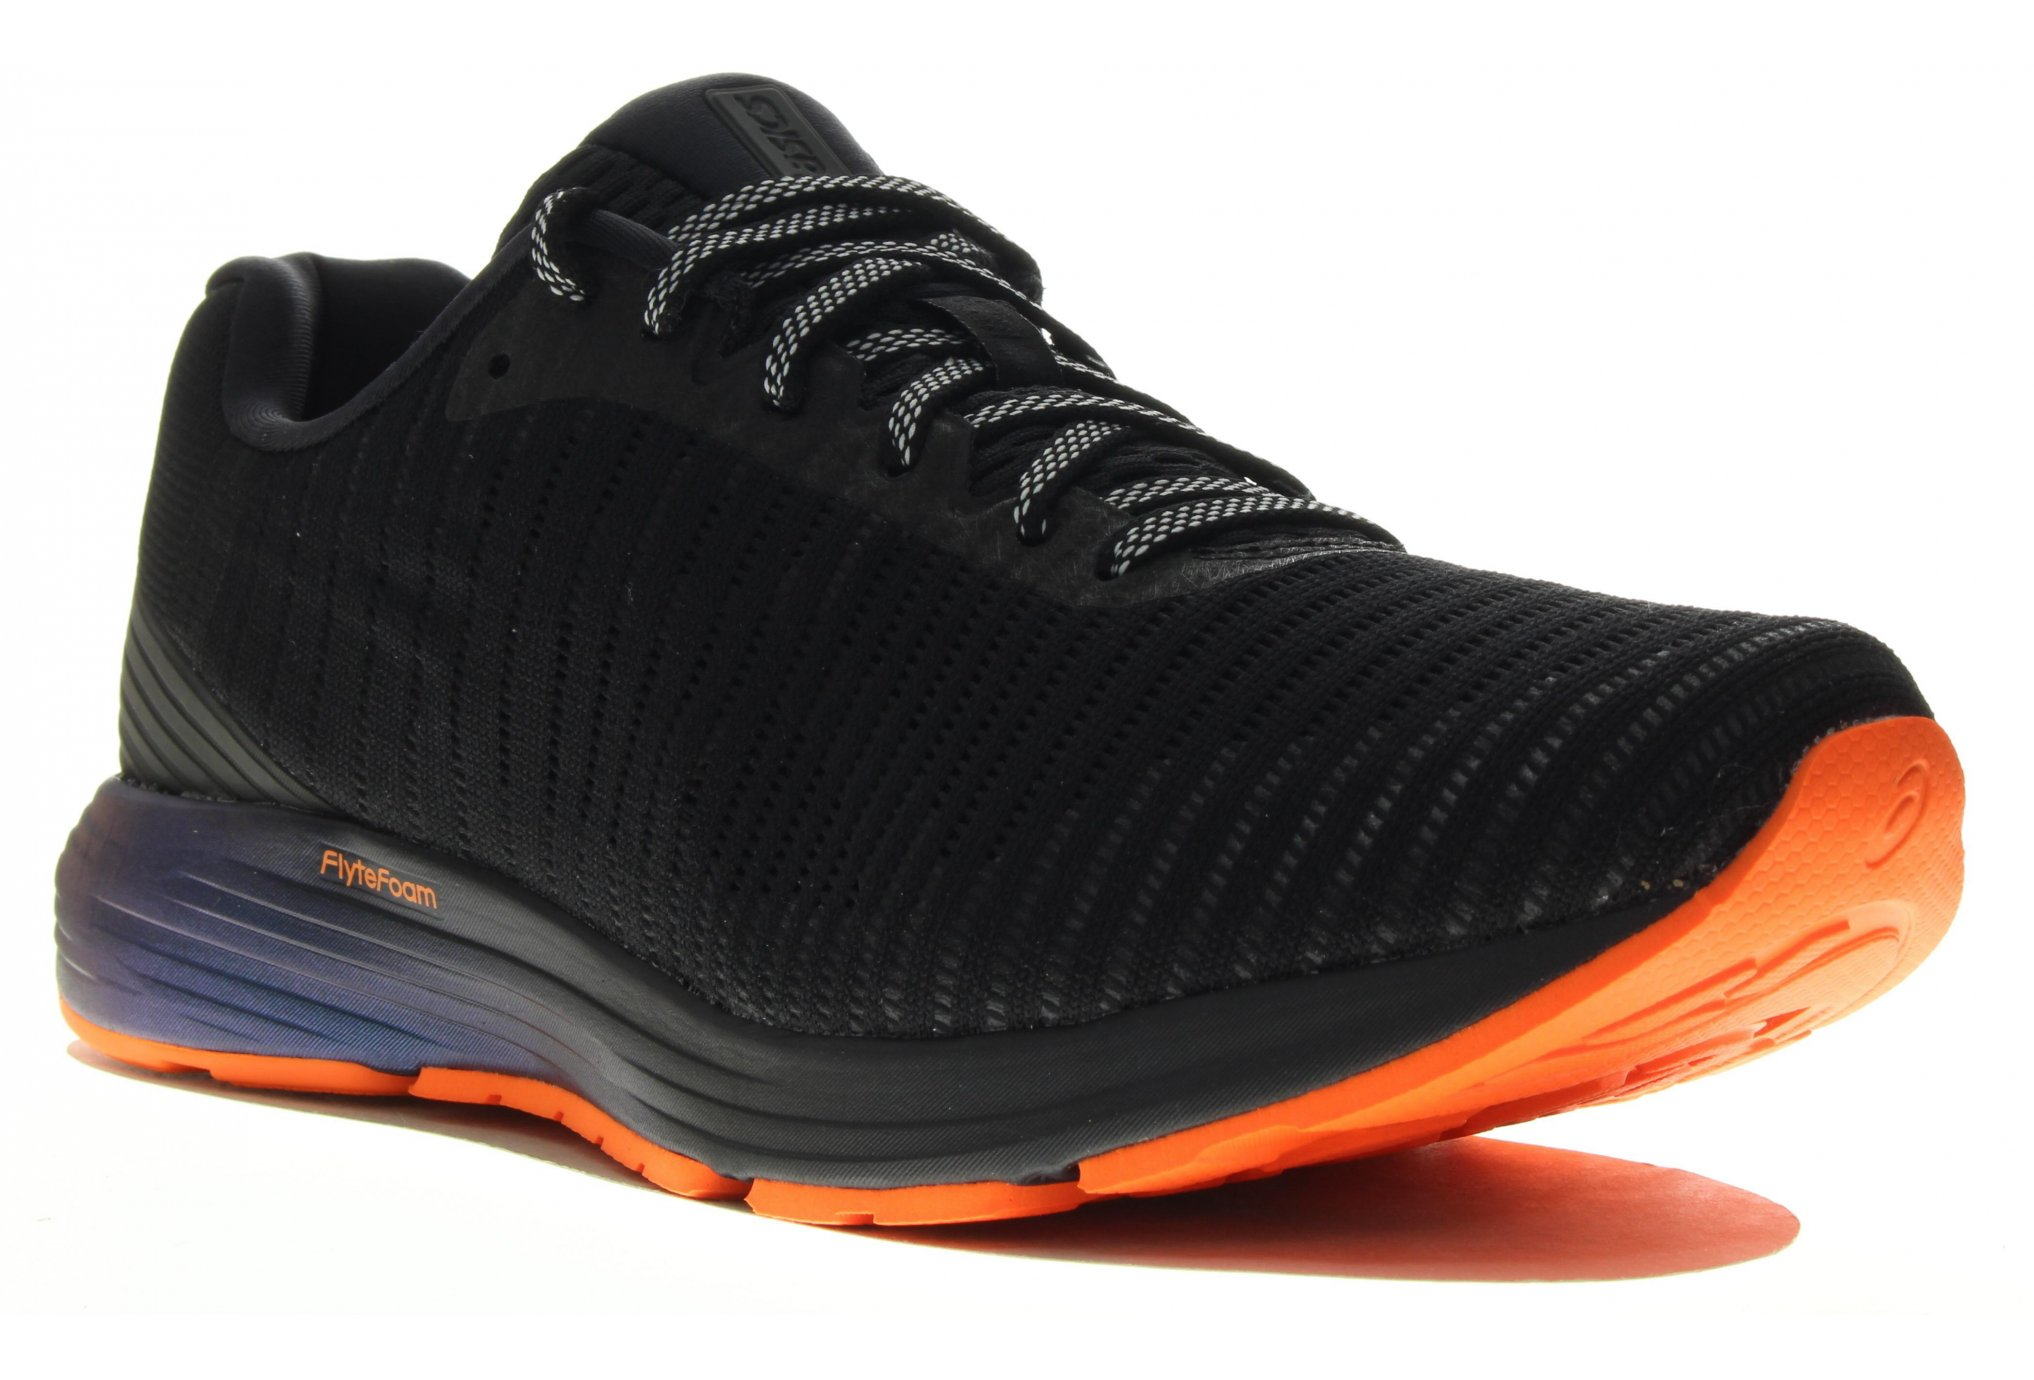 Asics Dynaflyte 3 Expert M Diététique Chaussures homme